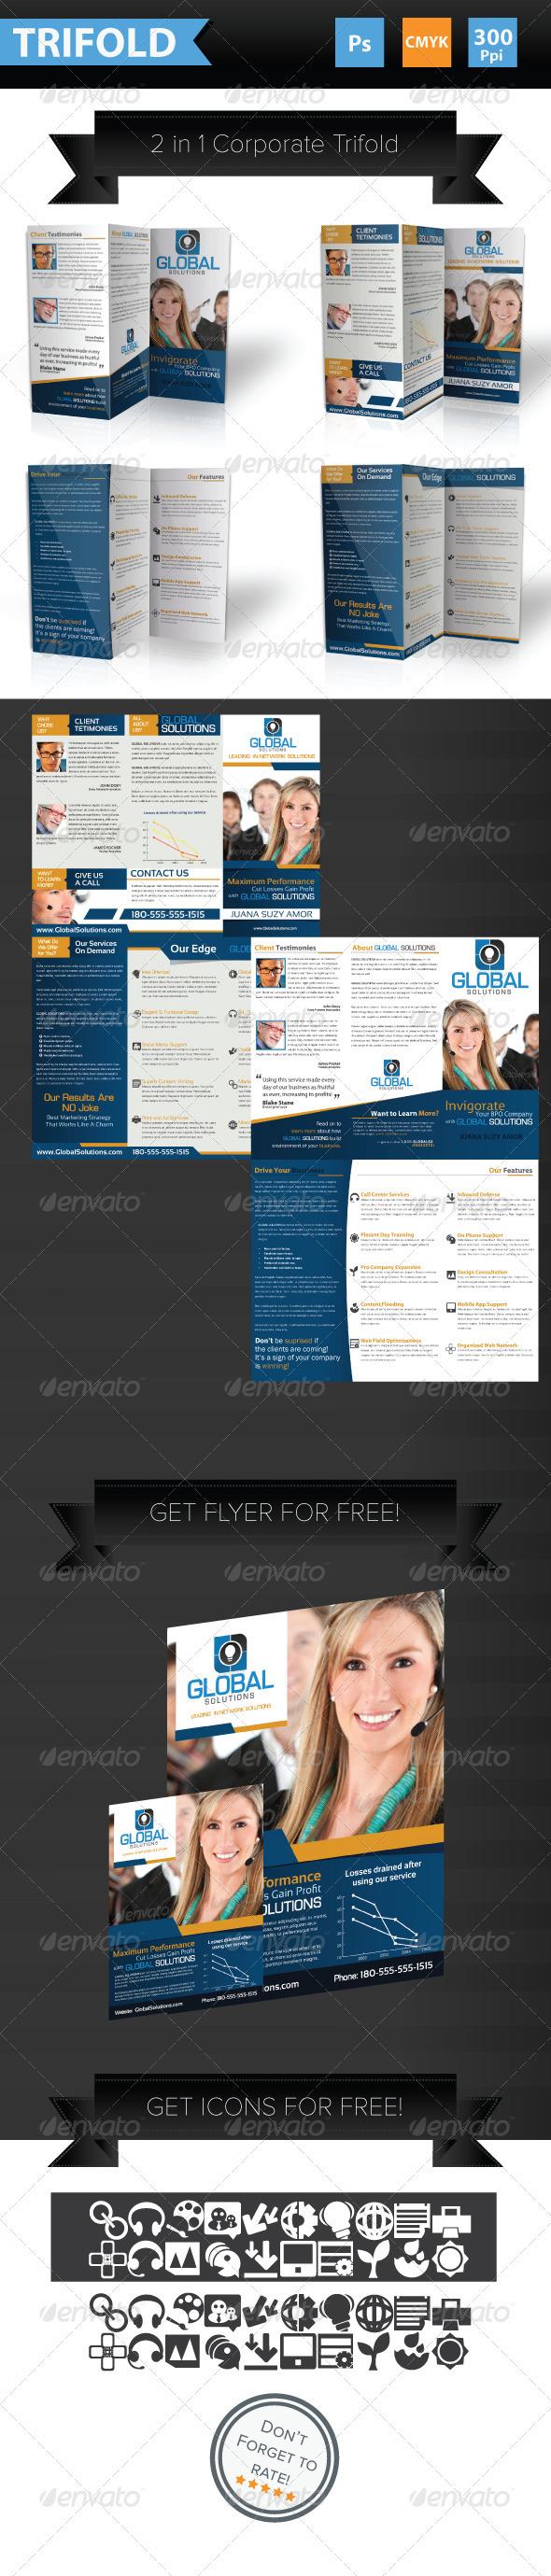 2 in 1 Corporate Broshure - Corporate Brochures